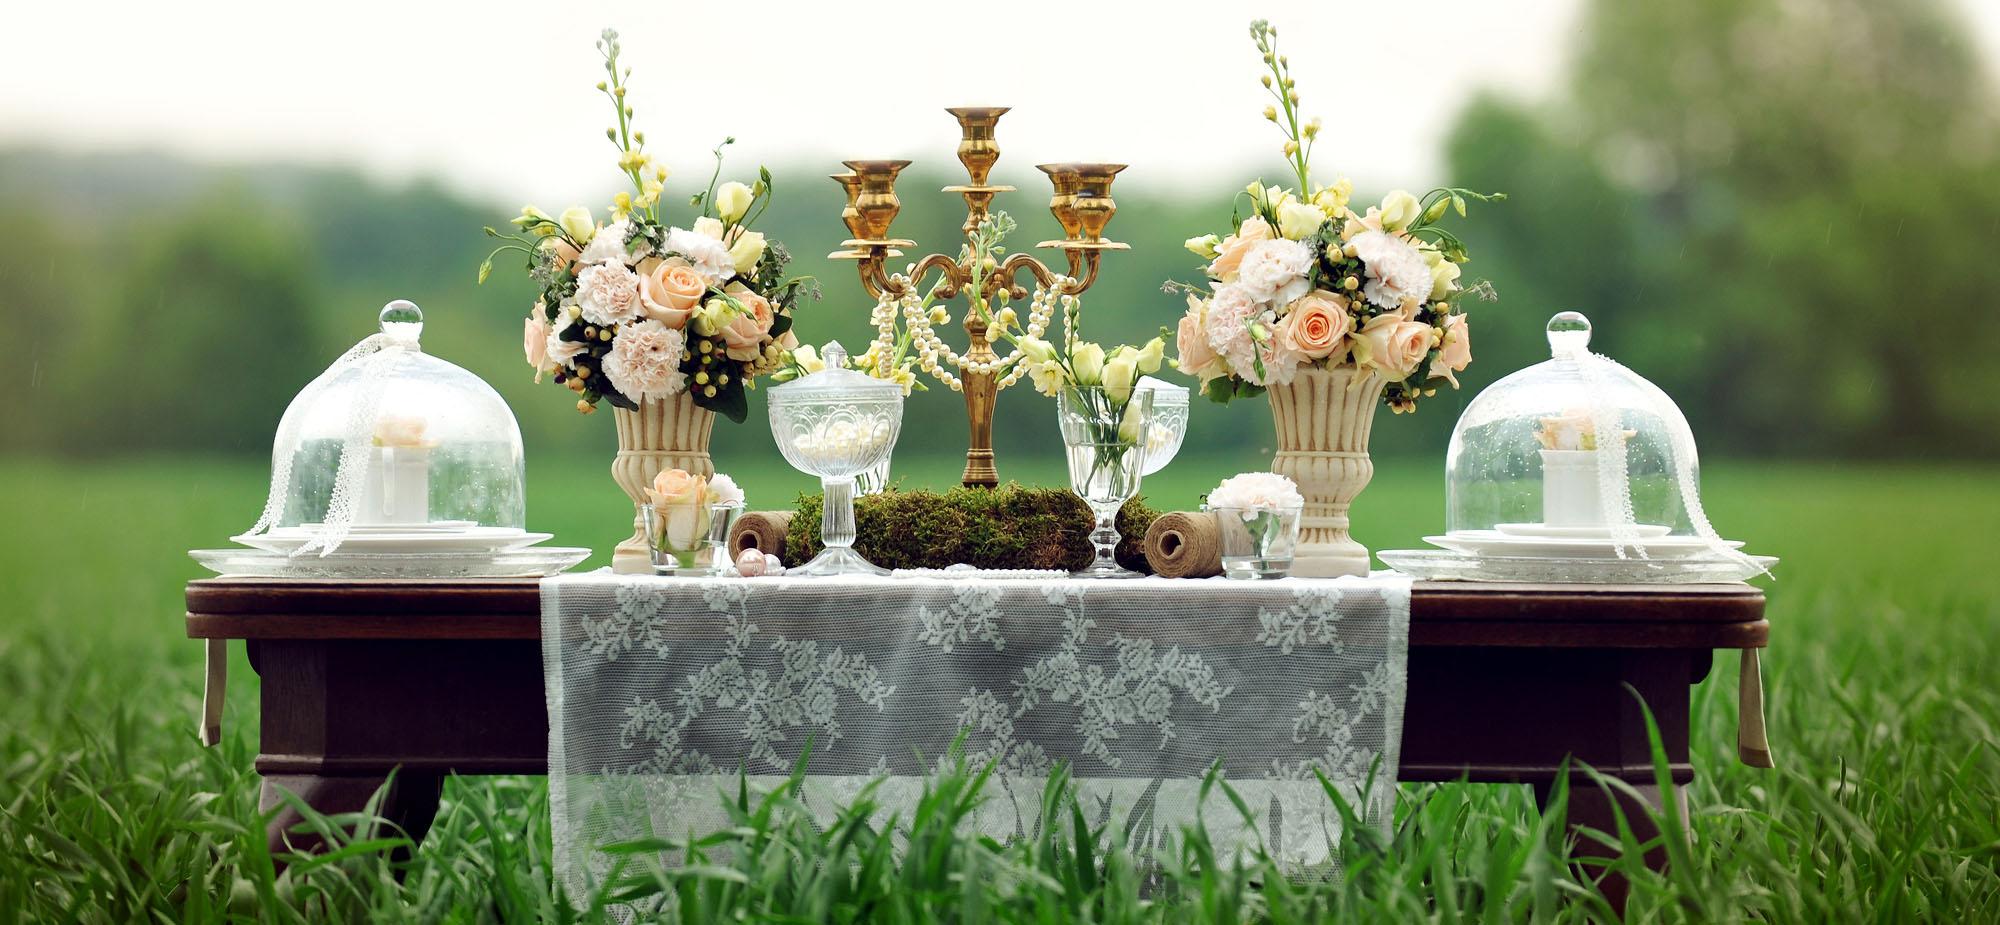 Tisch welcher mit Tischdecke,Blumen, Kerzenständer dekoriert ist